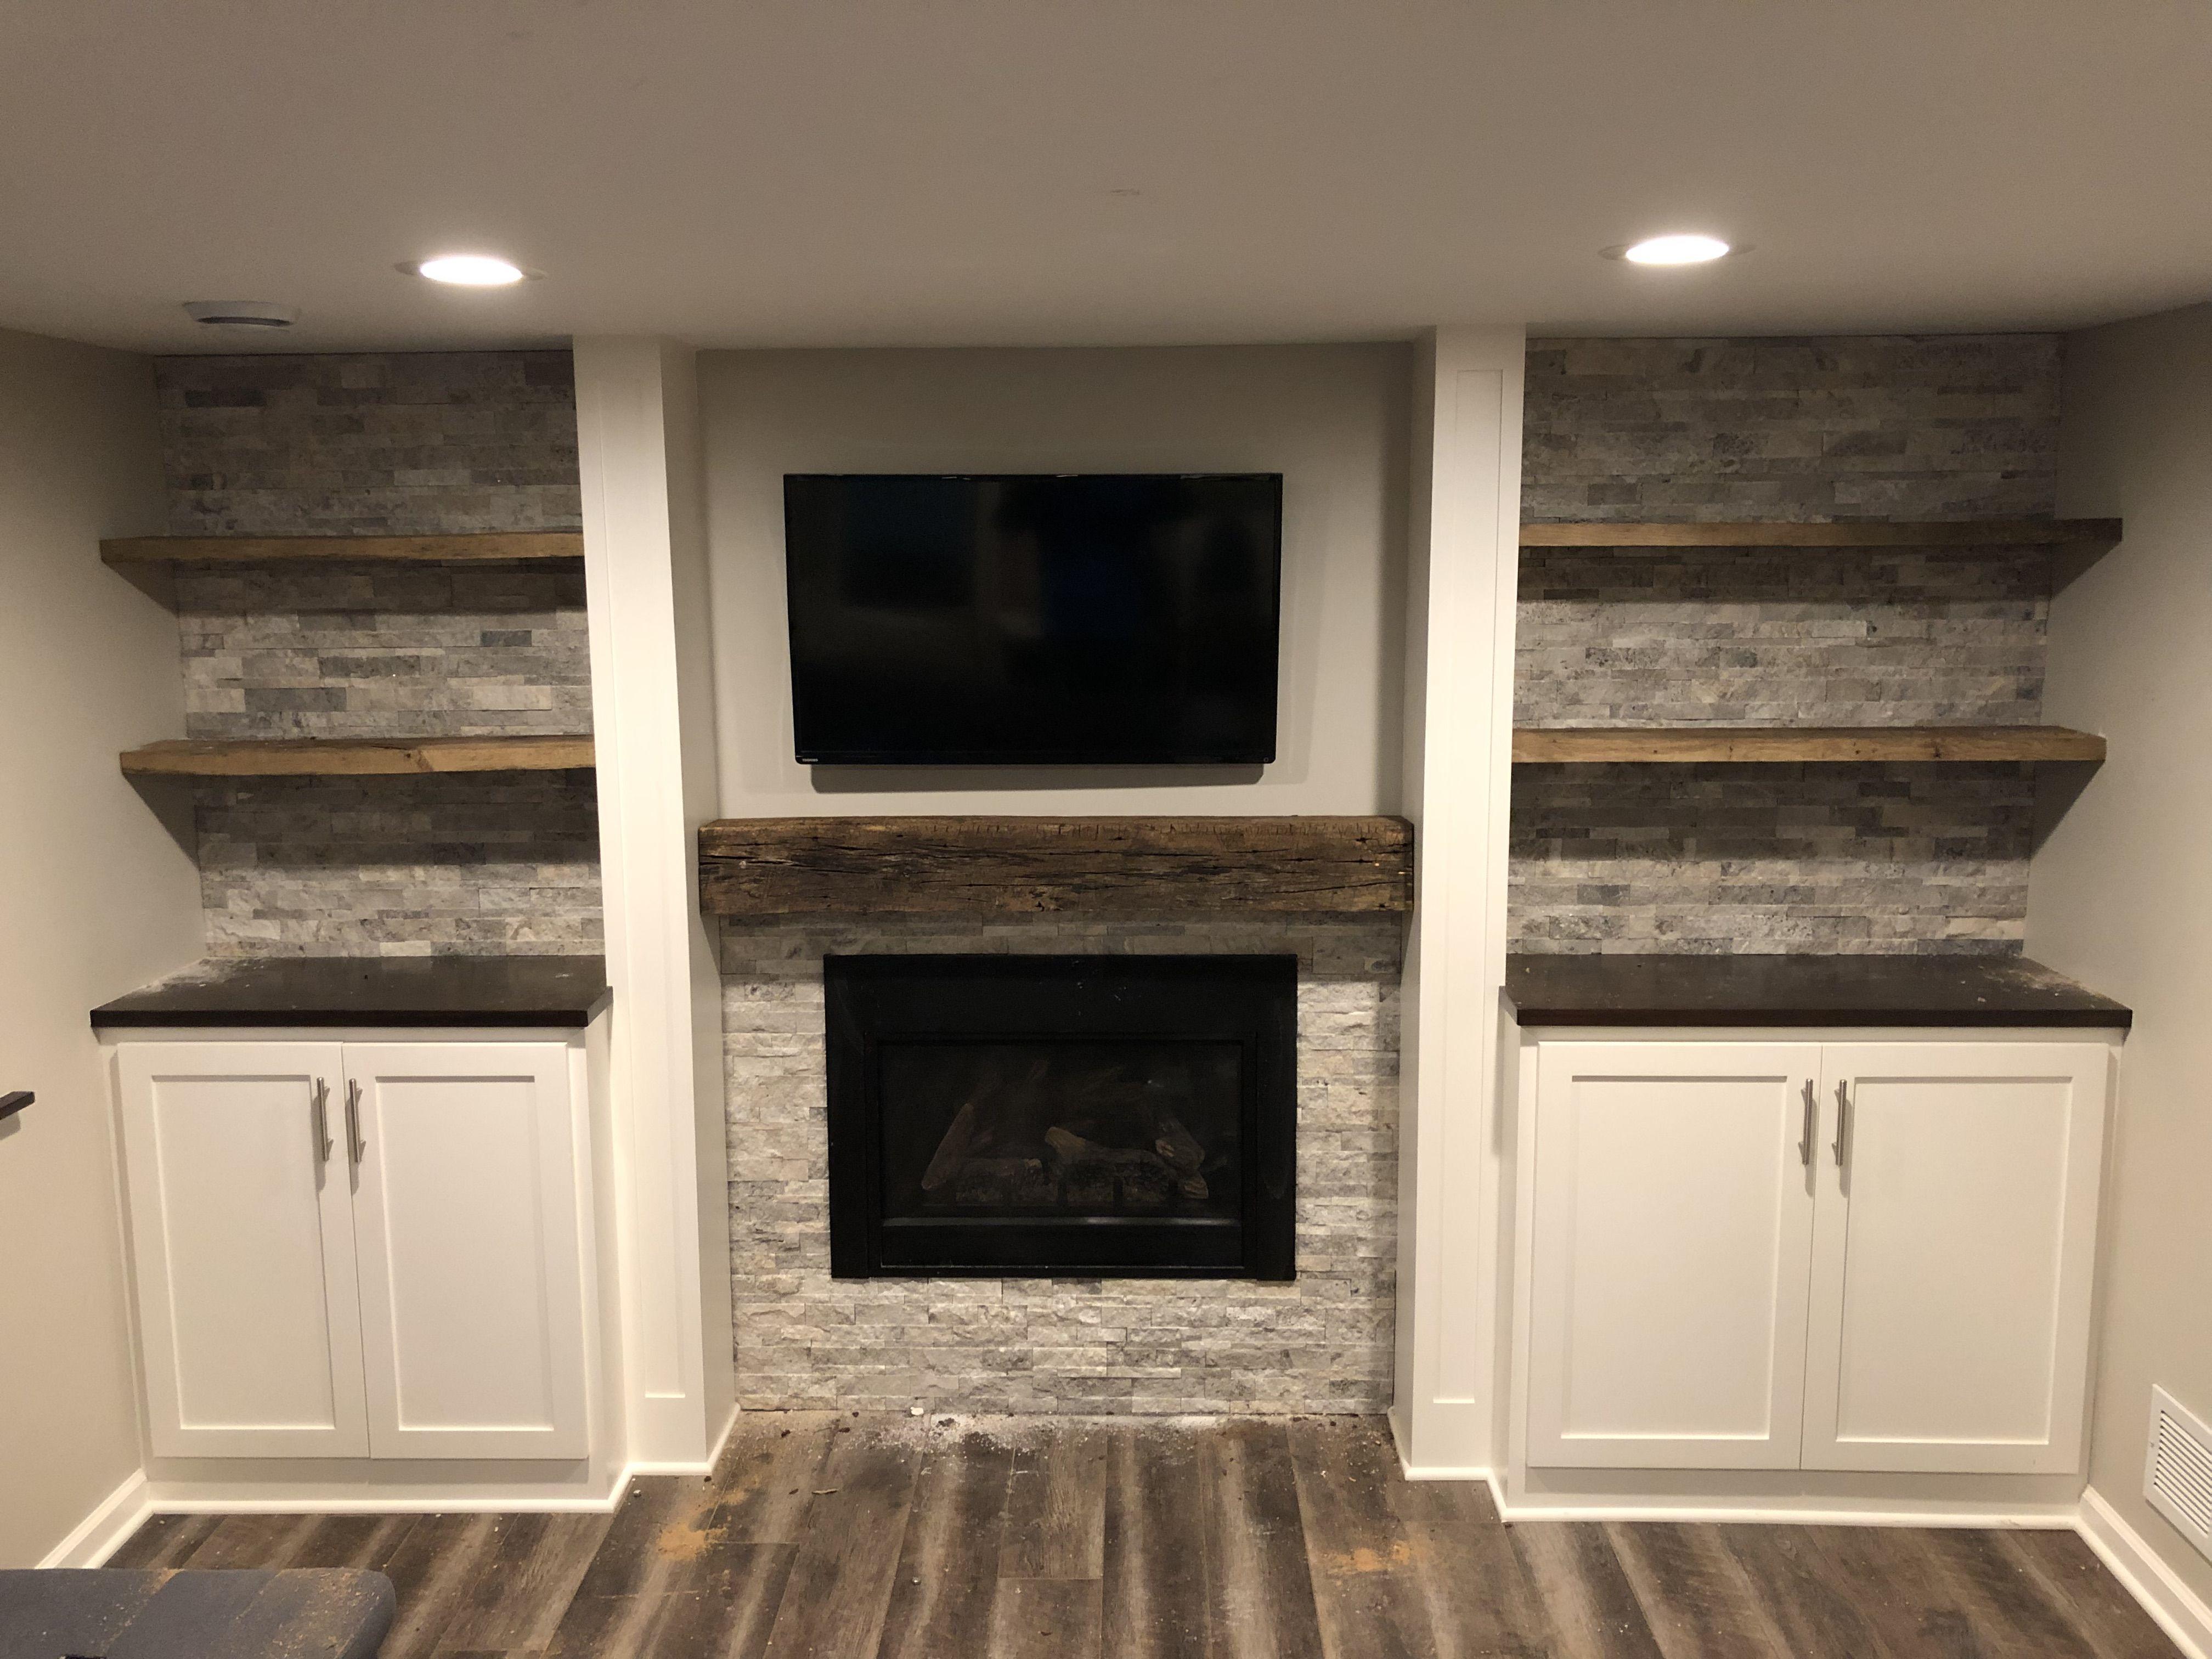 Basement Fireplace Built In Minnetonka Mn Fireplace Built Ins